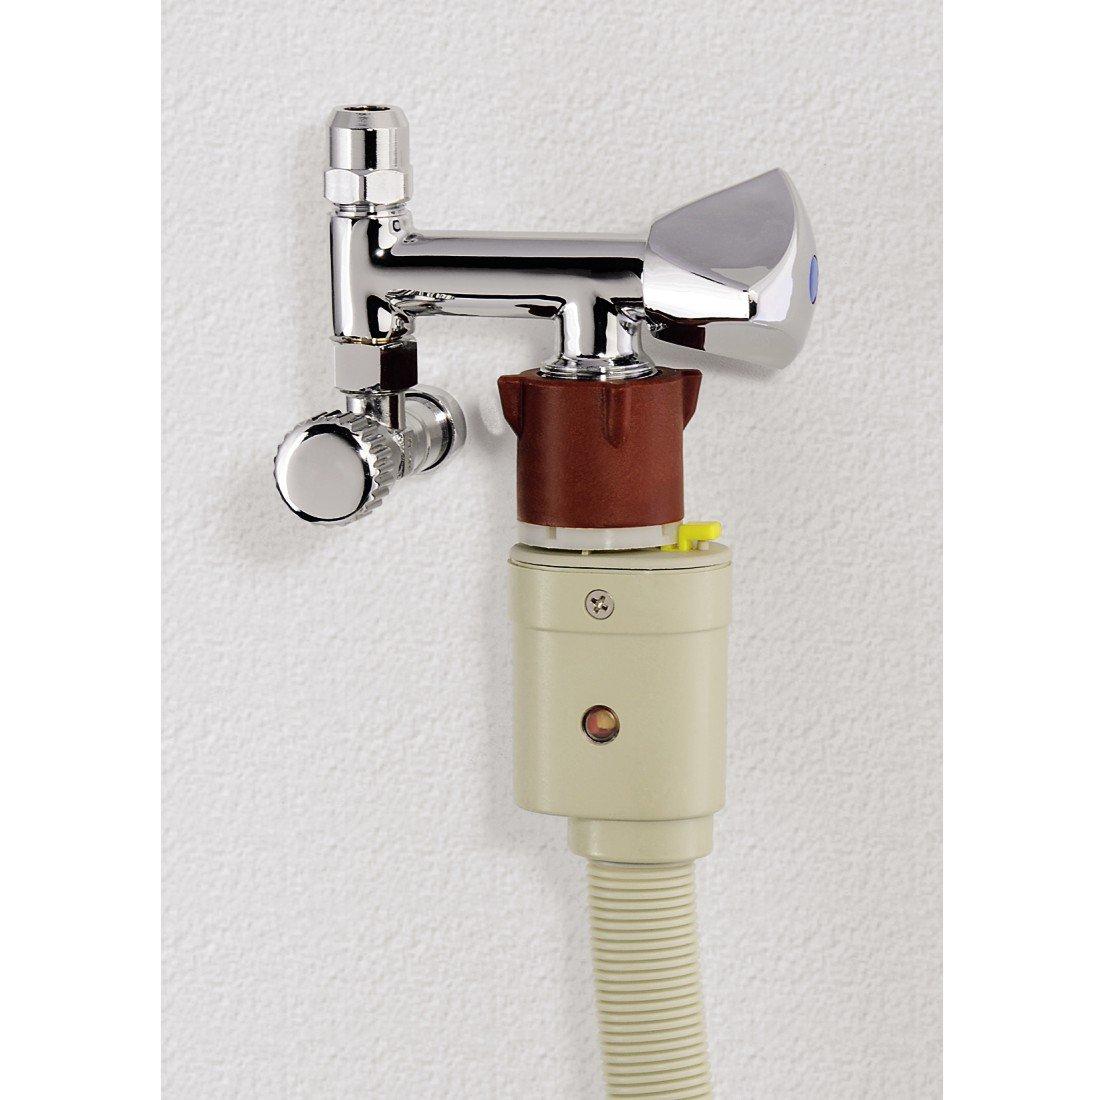 Chrom oder Sp/ülmaschine Messing Xavax Maschinenanschluss f/ür Wasch